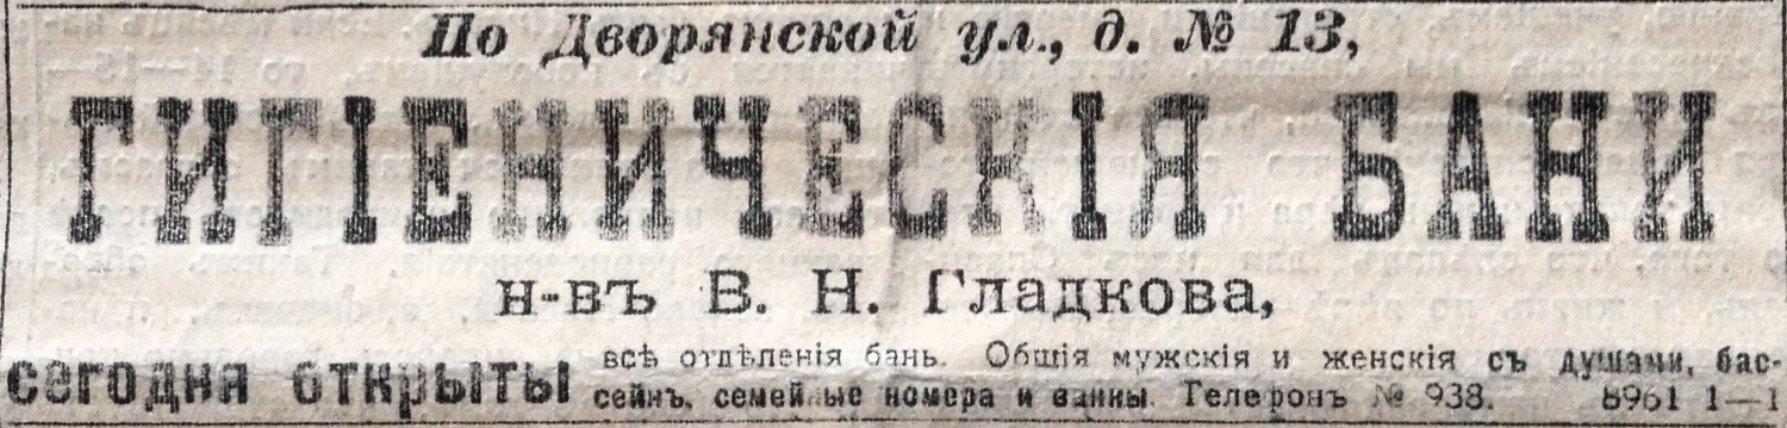 Реклама бань Гладковых на Дворянской улице